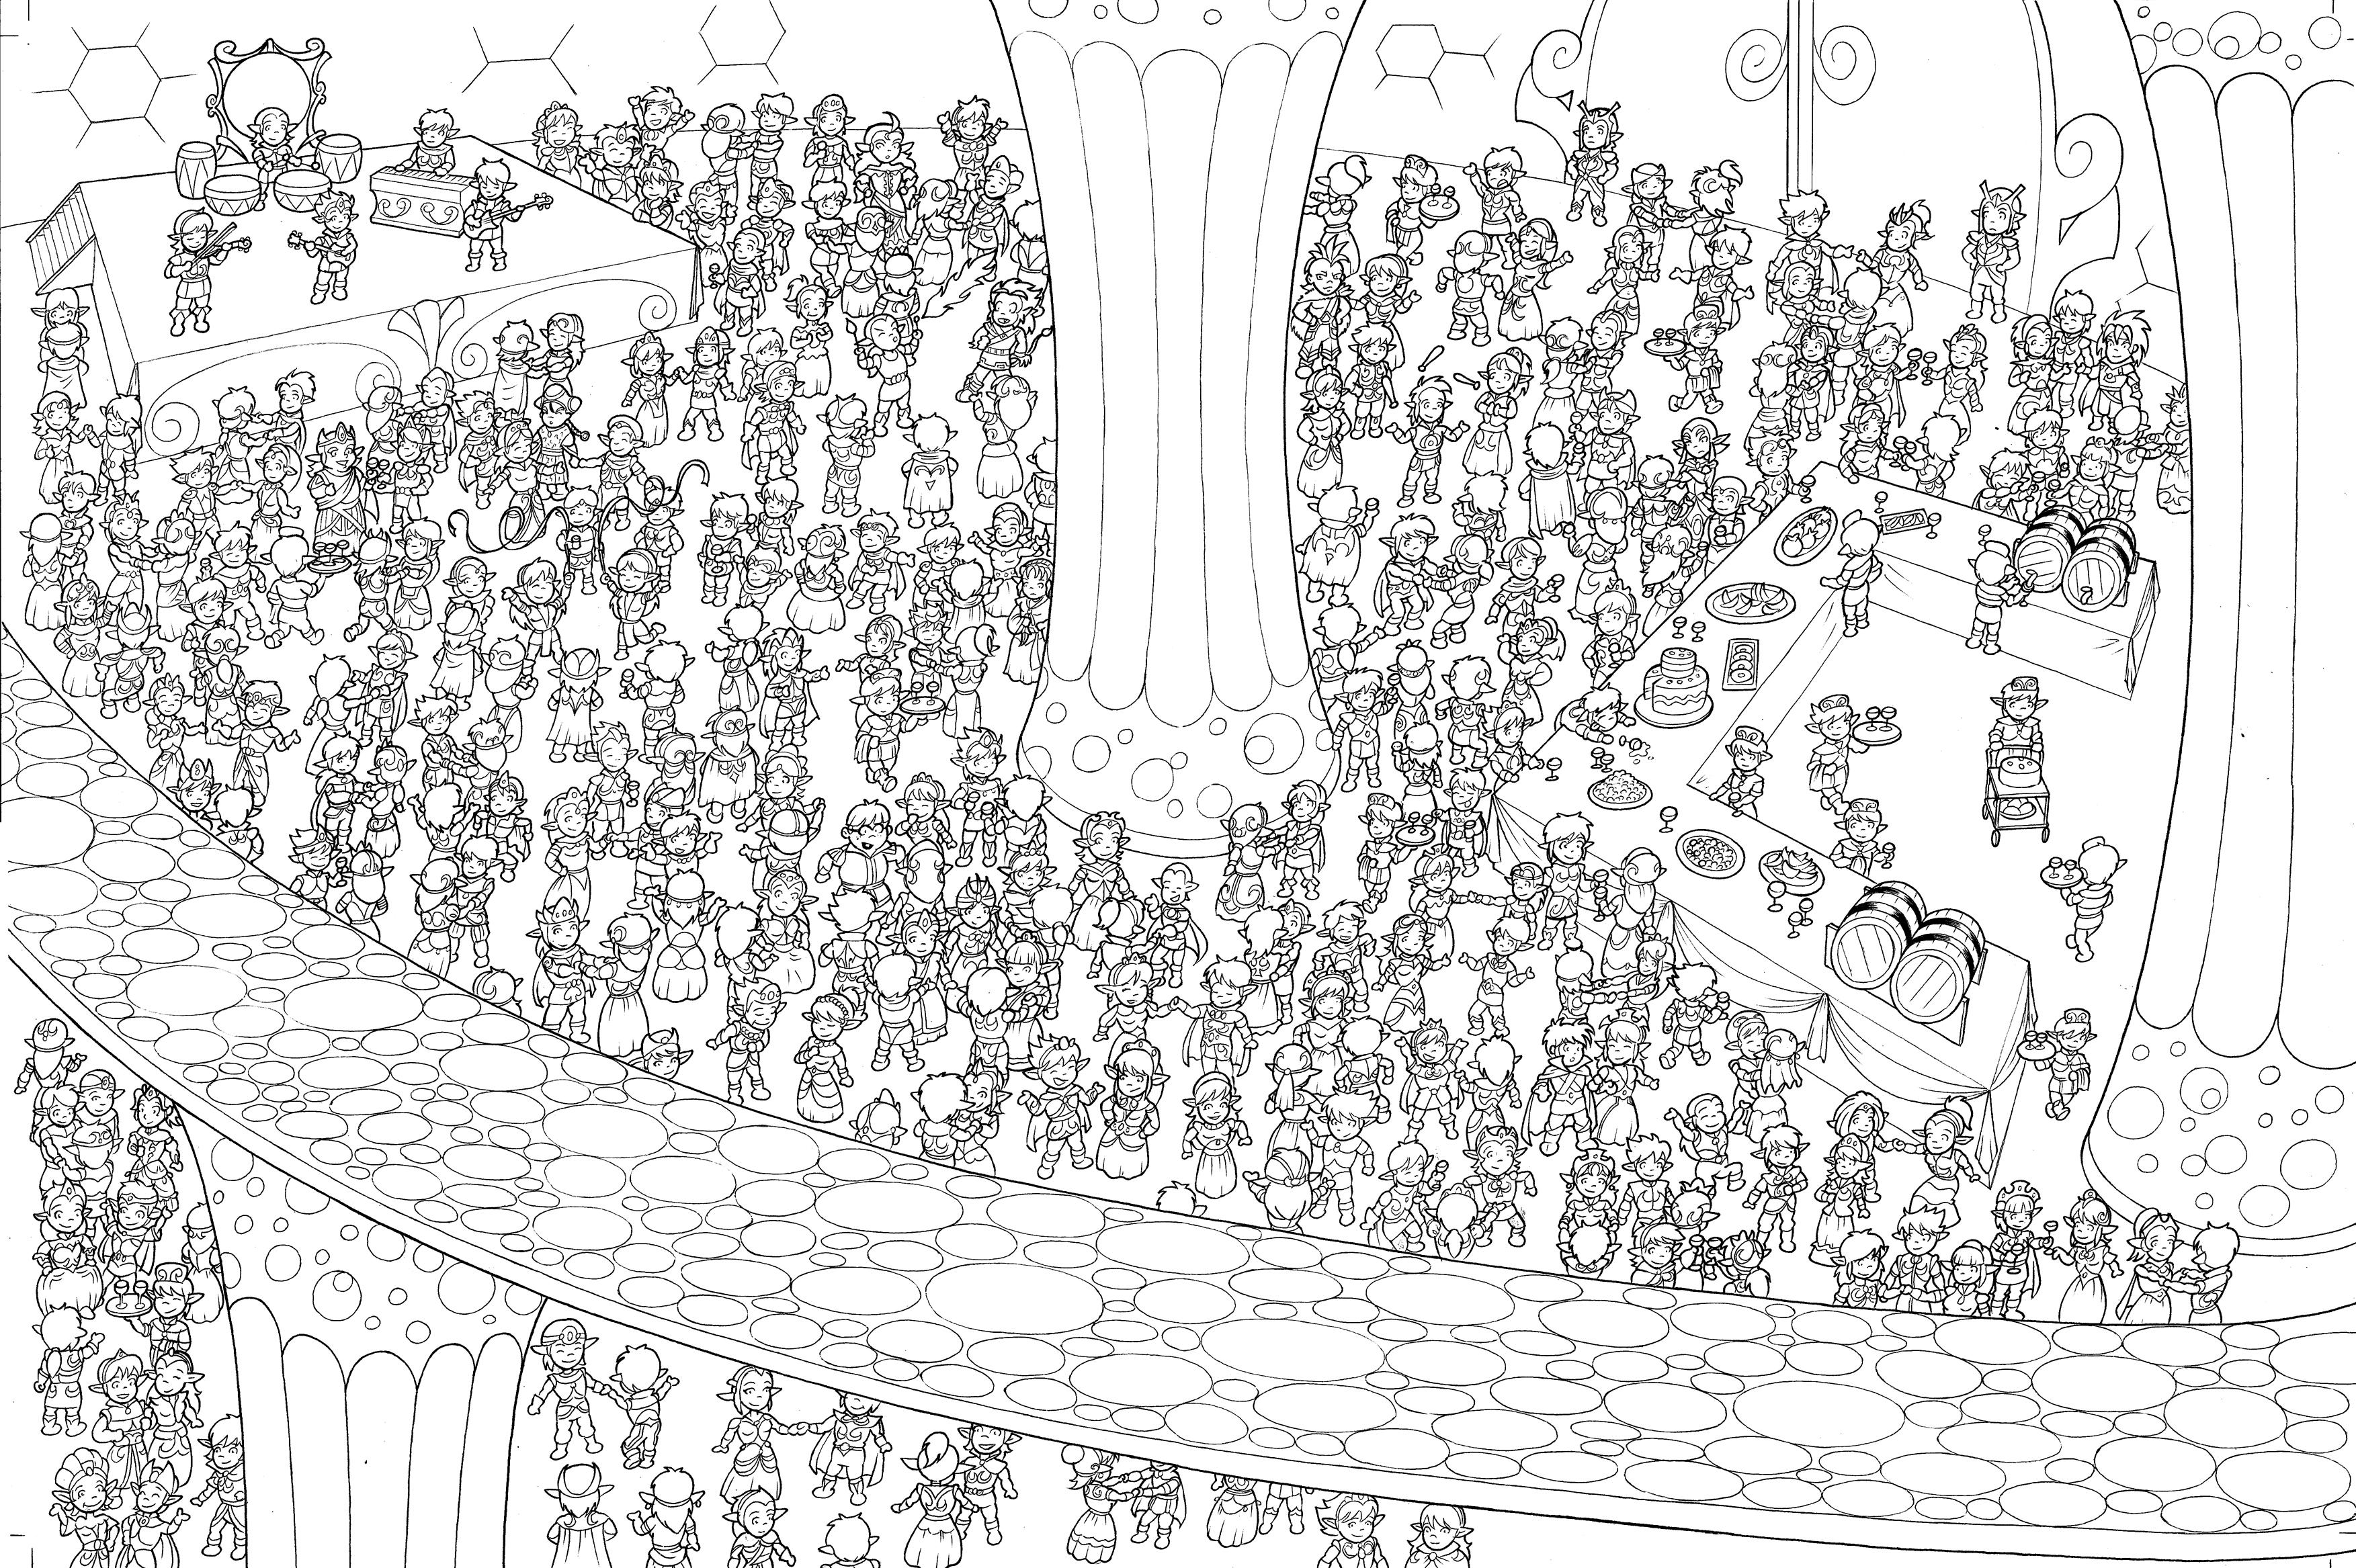 Cherche les Légendaires © Patrick Sobral & Groupe Delcourt.